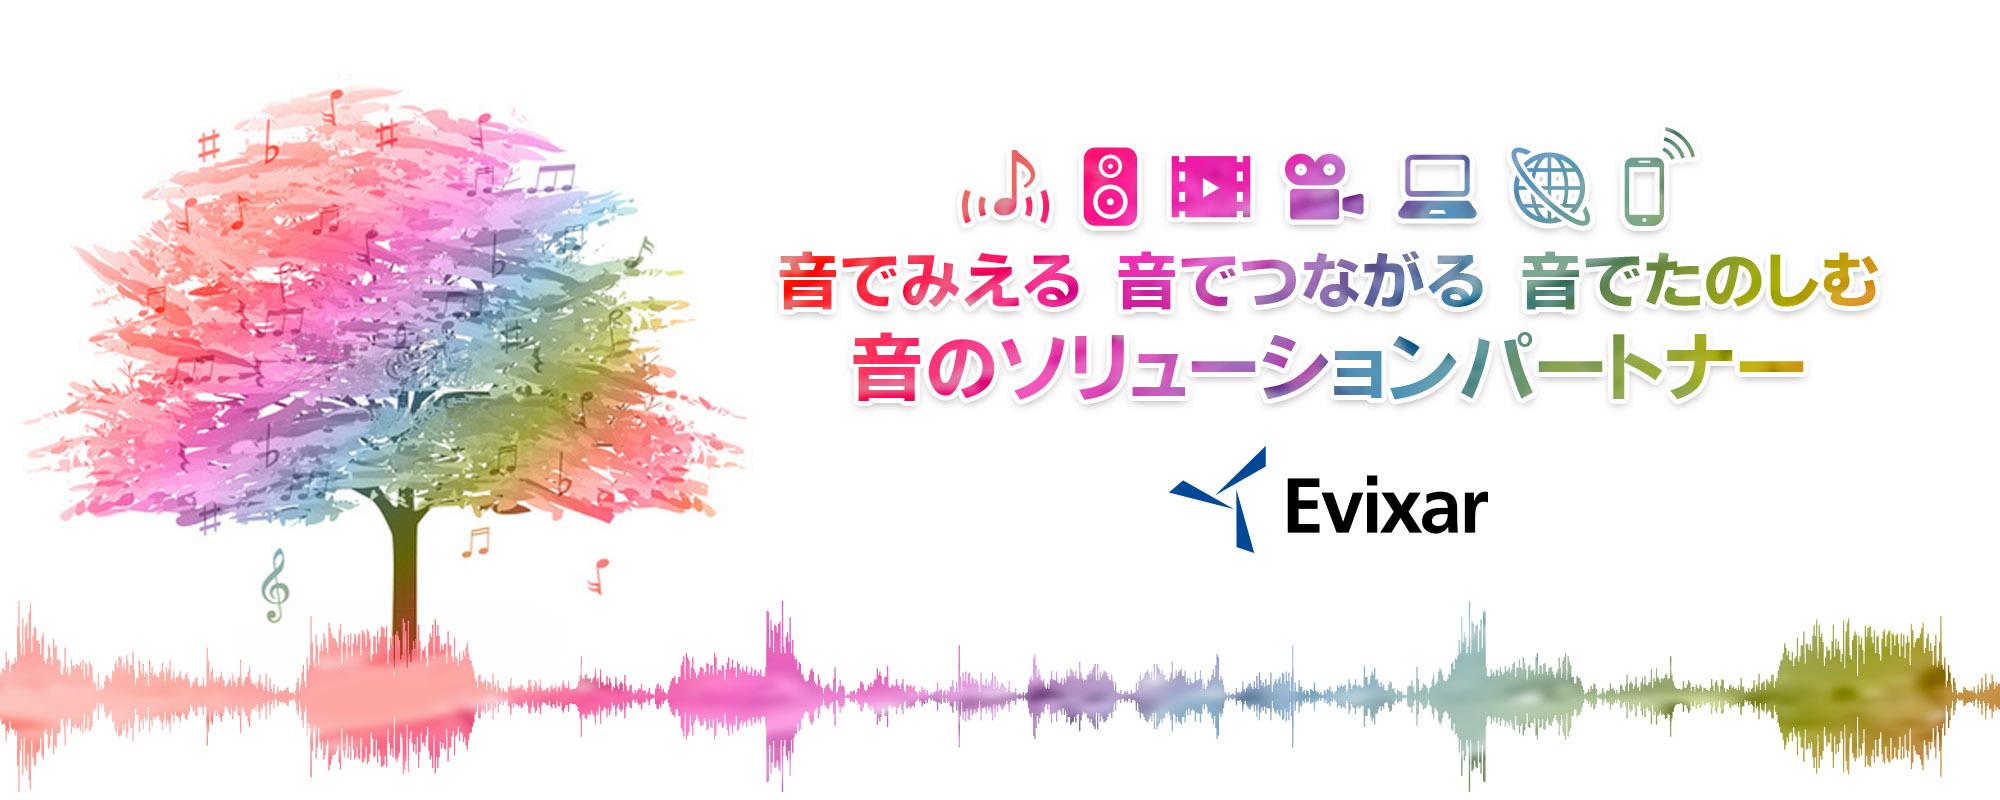 エヴィクサー株式会社CI「音でみえる 音でつながる 音でたのしむ 音のソリューションパートナー」